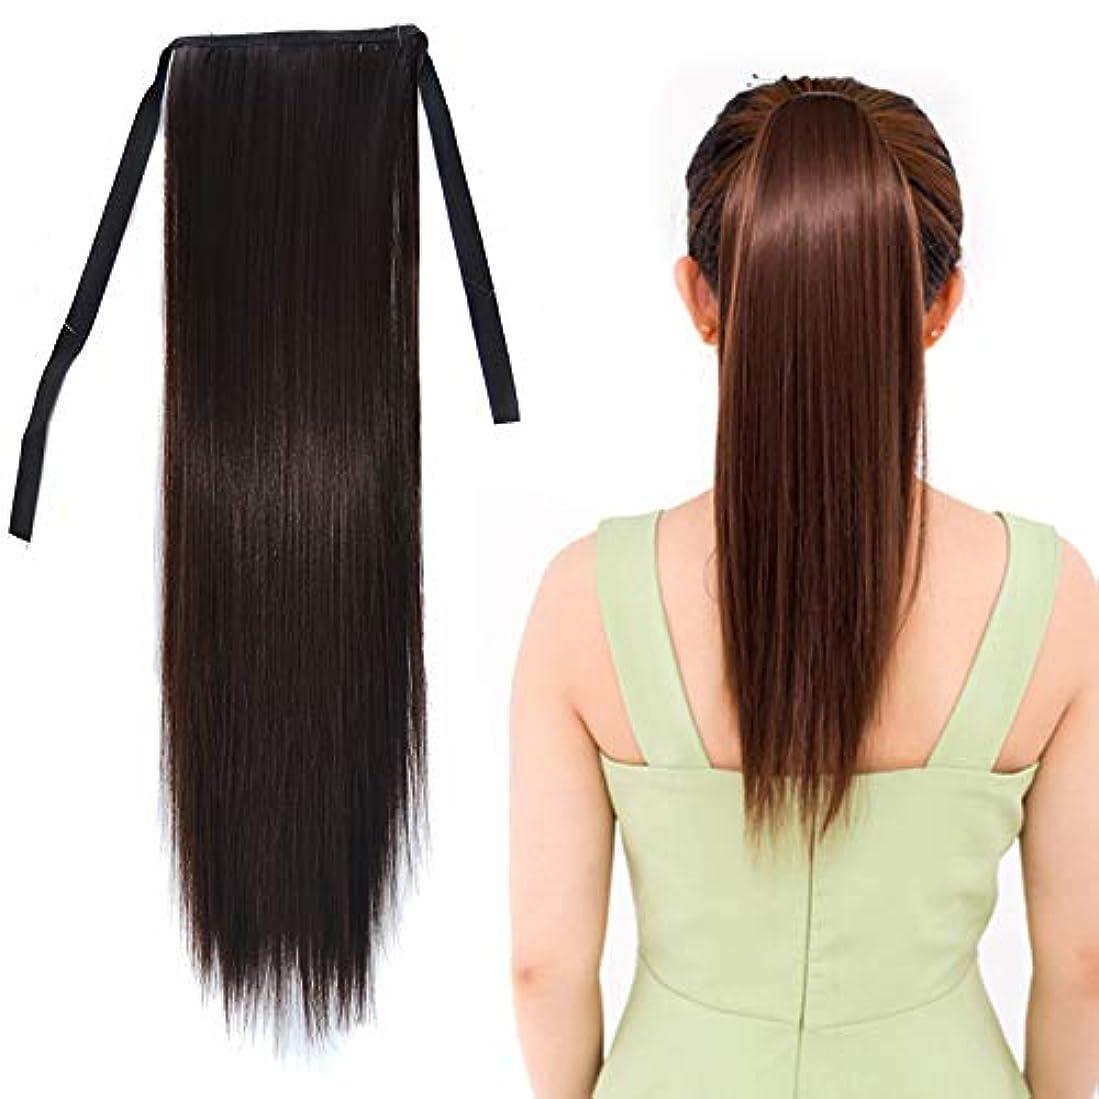 WTYD 美容ヘアツール ナチュラルロングストレートヘアポニーテールBandagestyleウィッグポニーテール、長さ:45cm (色 : Black Brown)